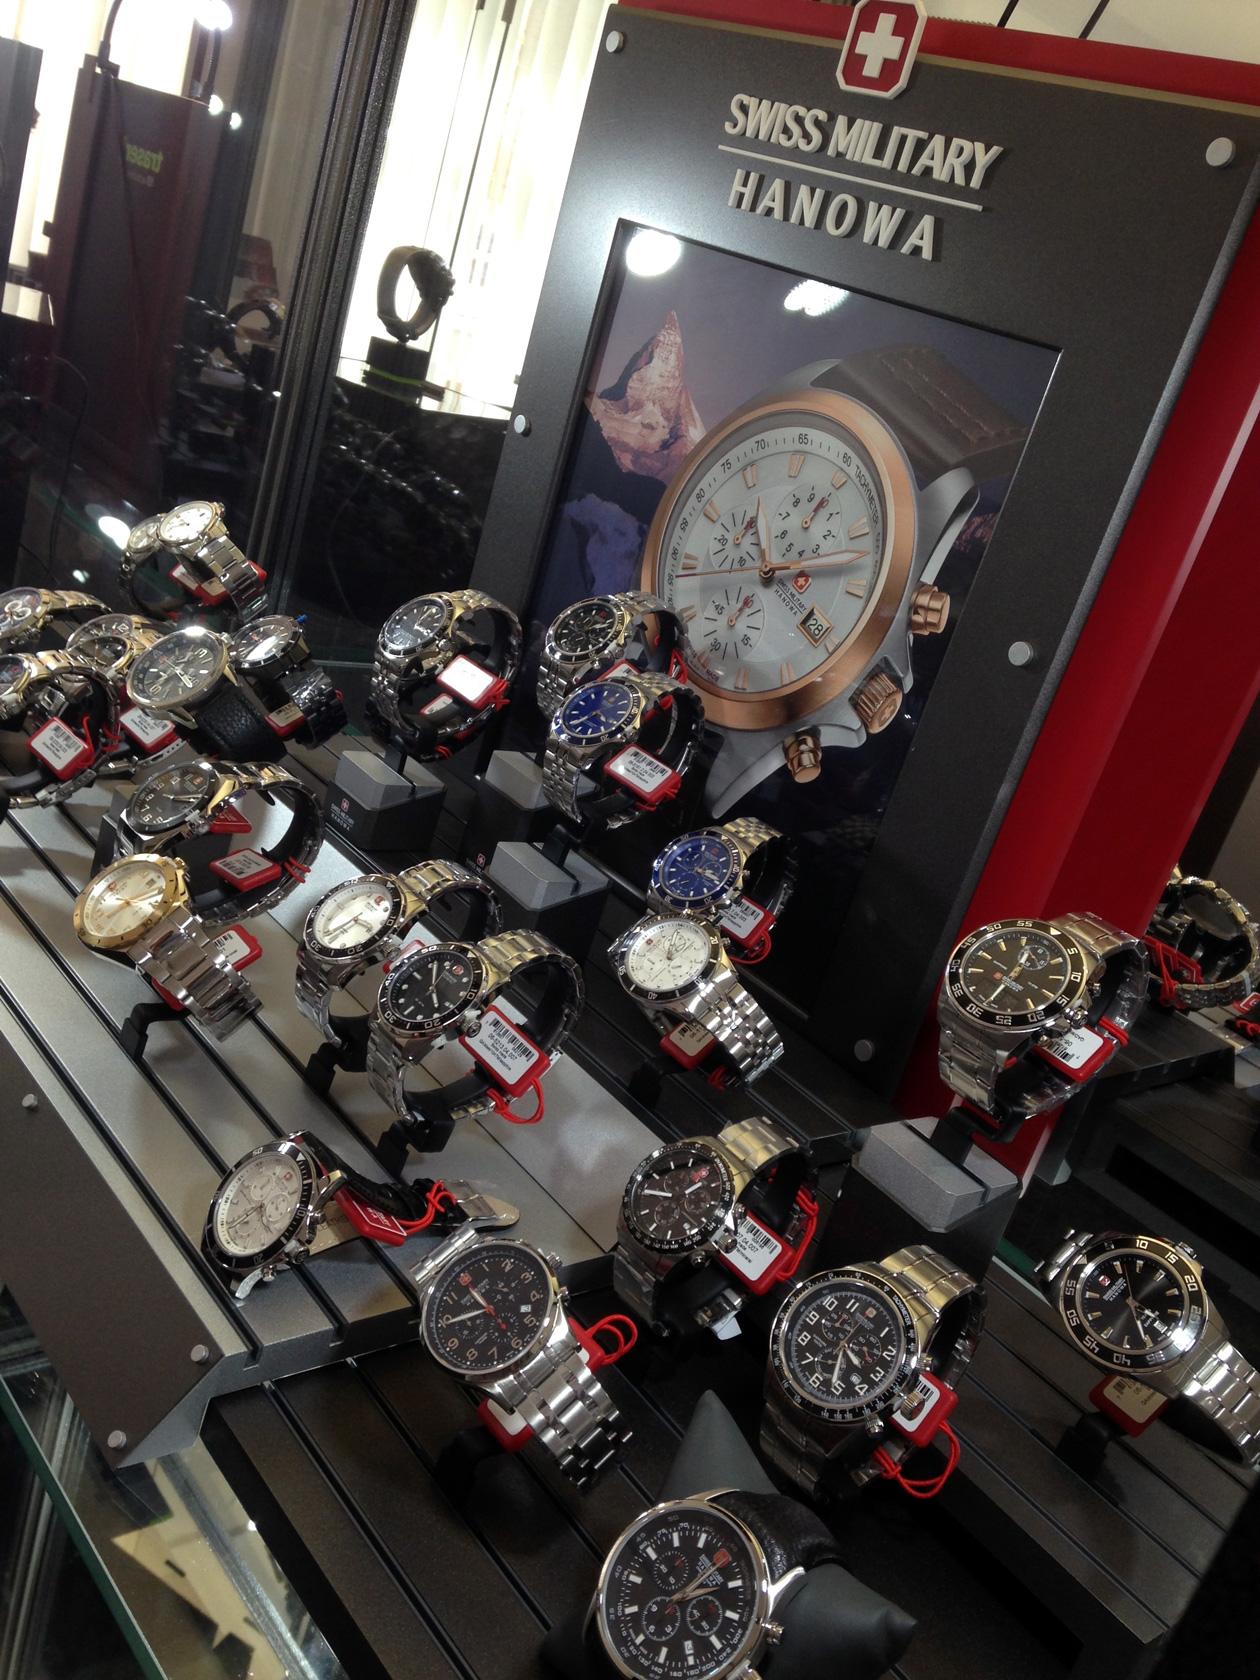 f8c3e50c067 hanowa-kolekce8 Řada dámských hodinek Hanowa Swiss Military ...